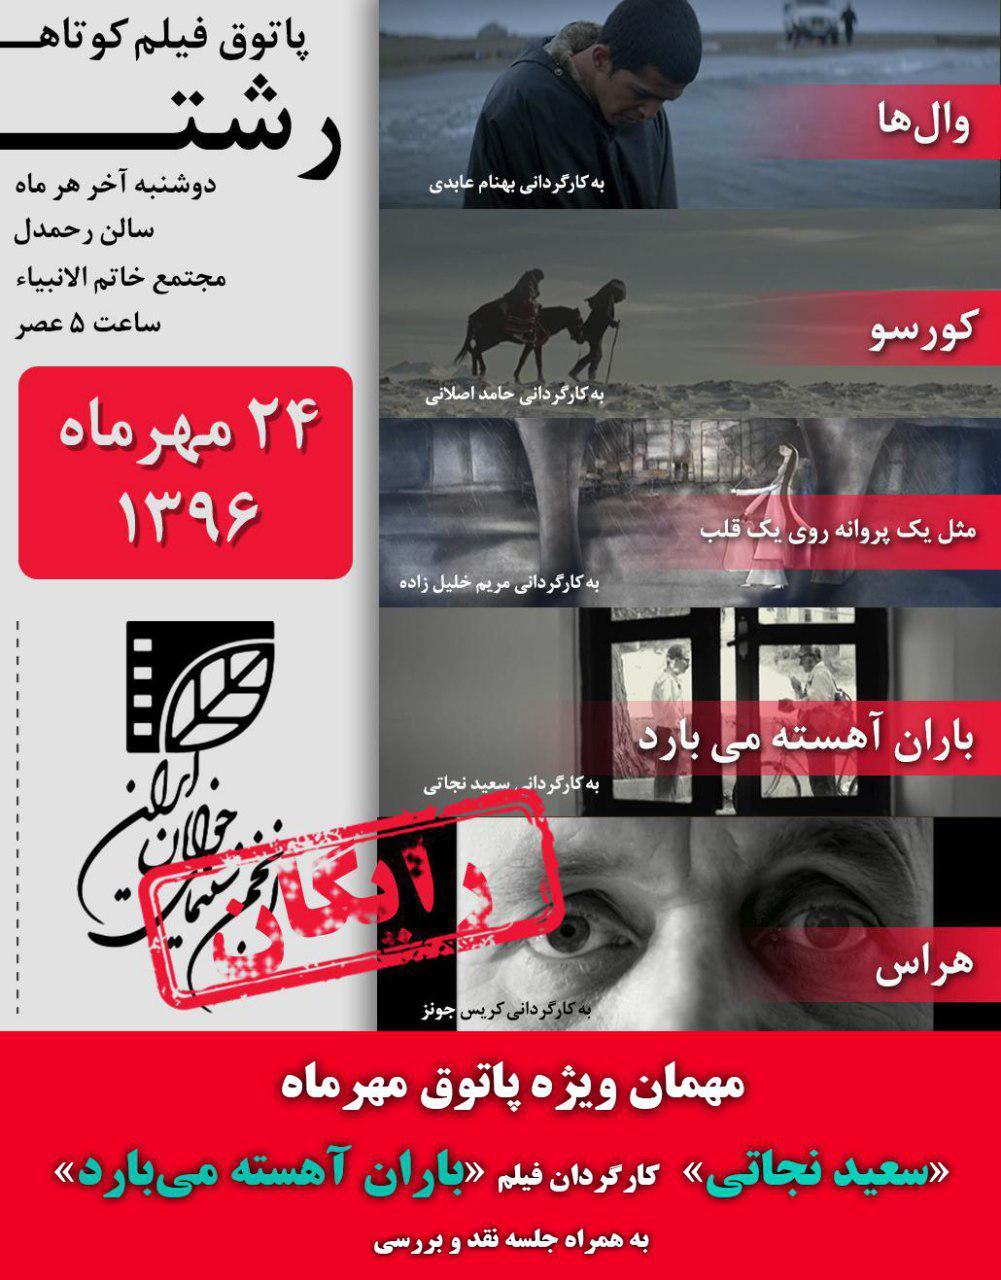 مهمان ویژه پاتوق : «سعید نجاتی» کارگردان فیلم «باران آهسته می بارد»